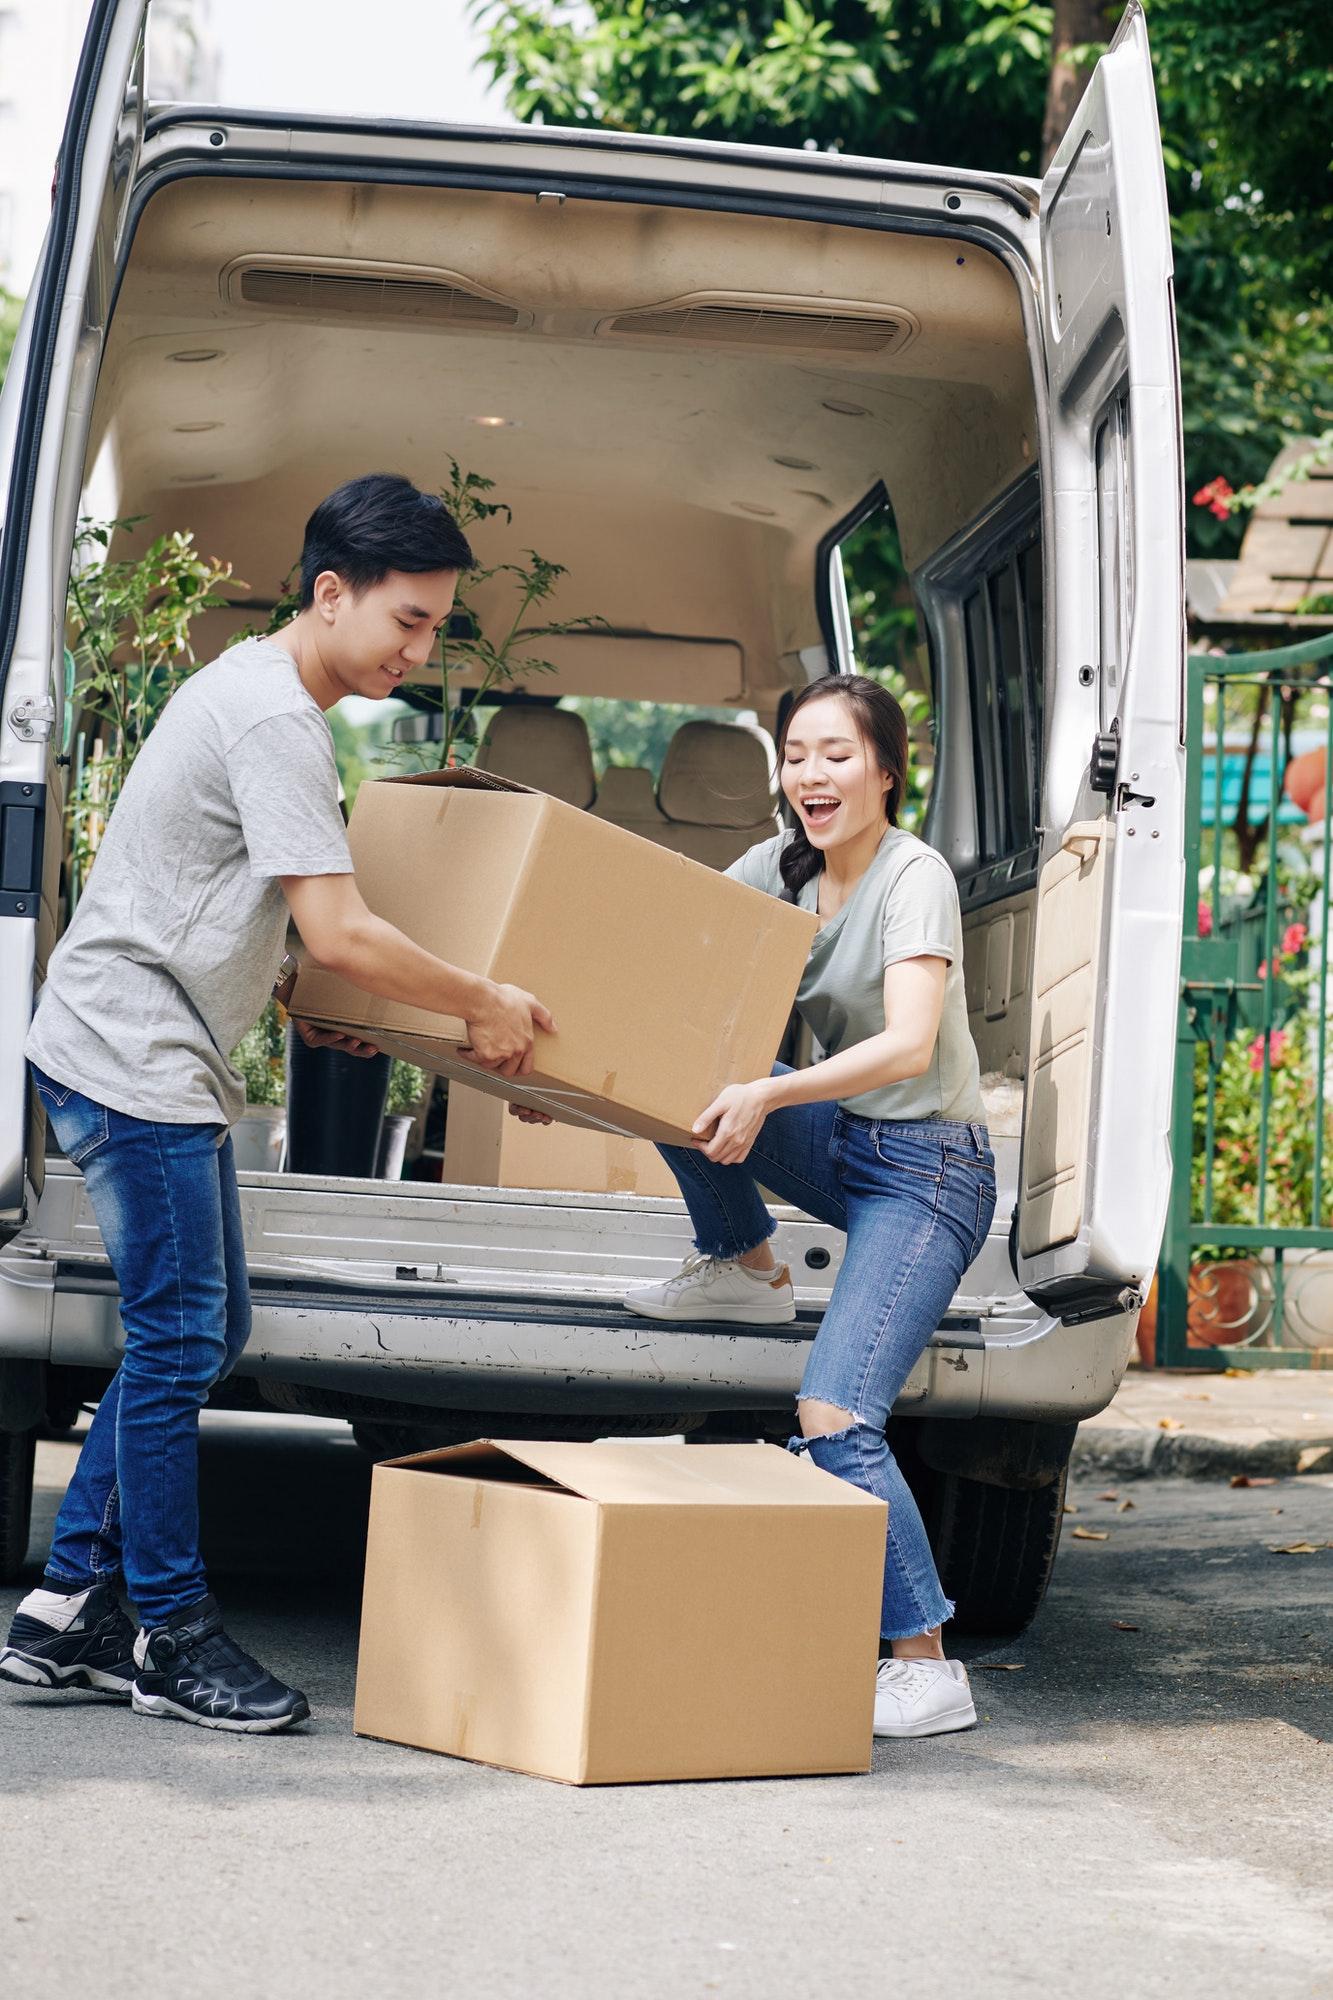 couple-unloading-truck.jpg